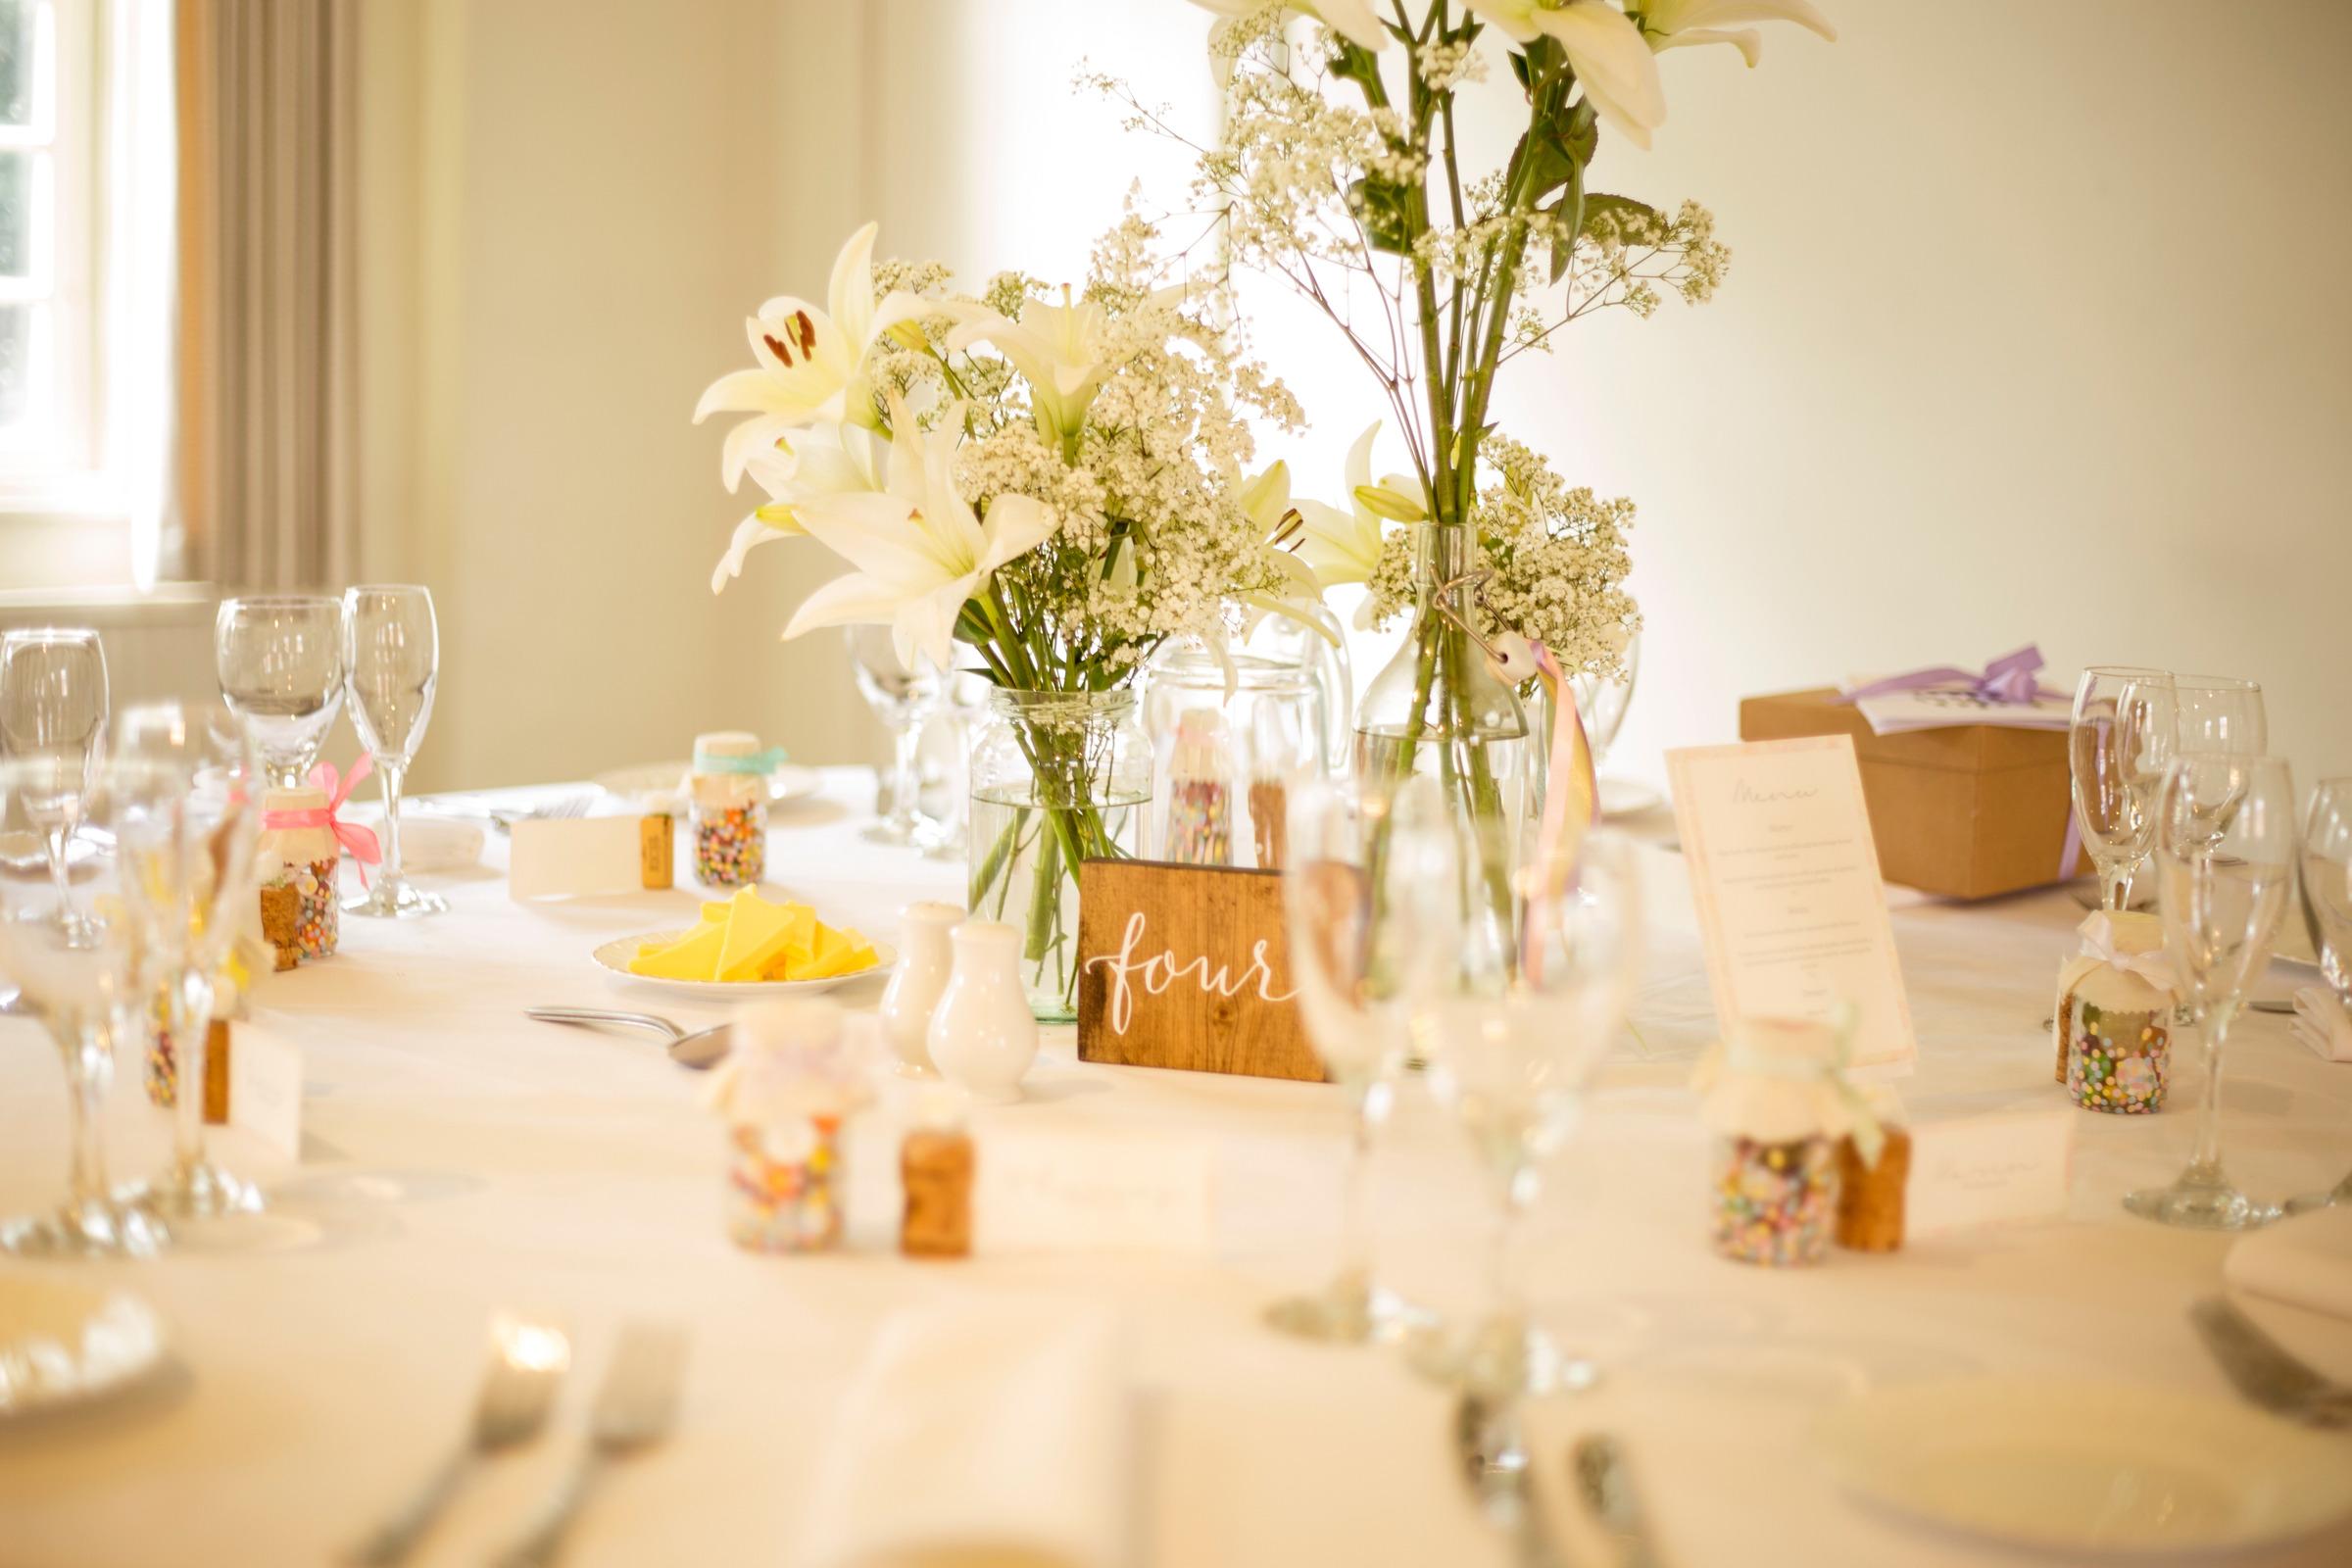 Flores decorando una mesa de boda